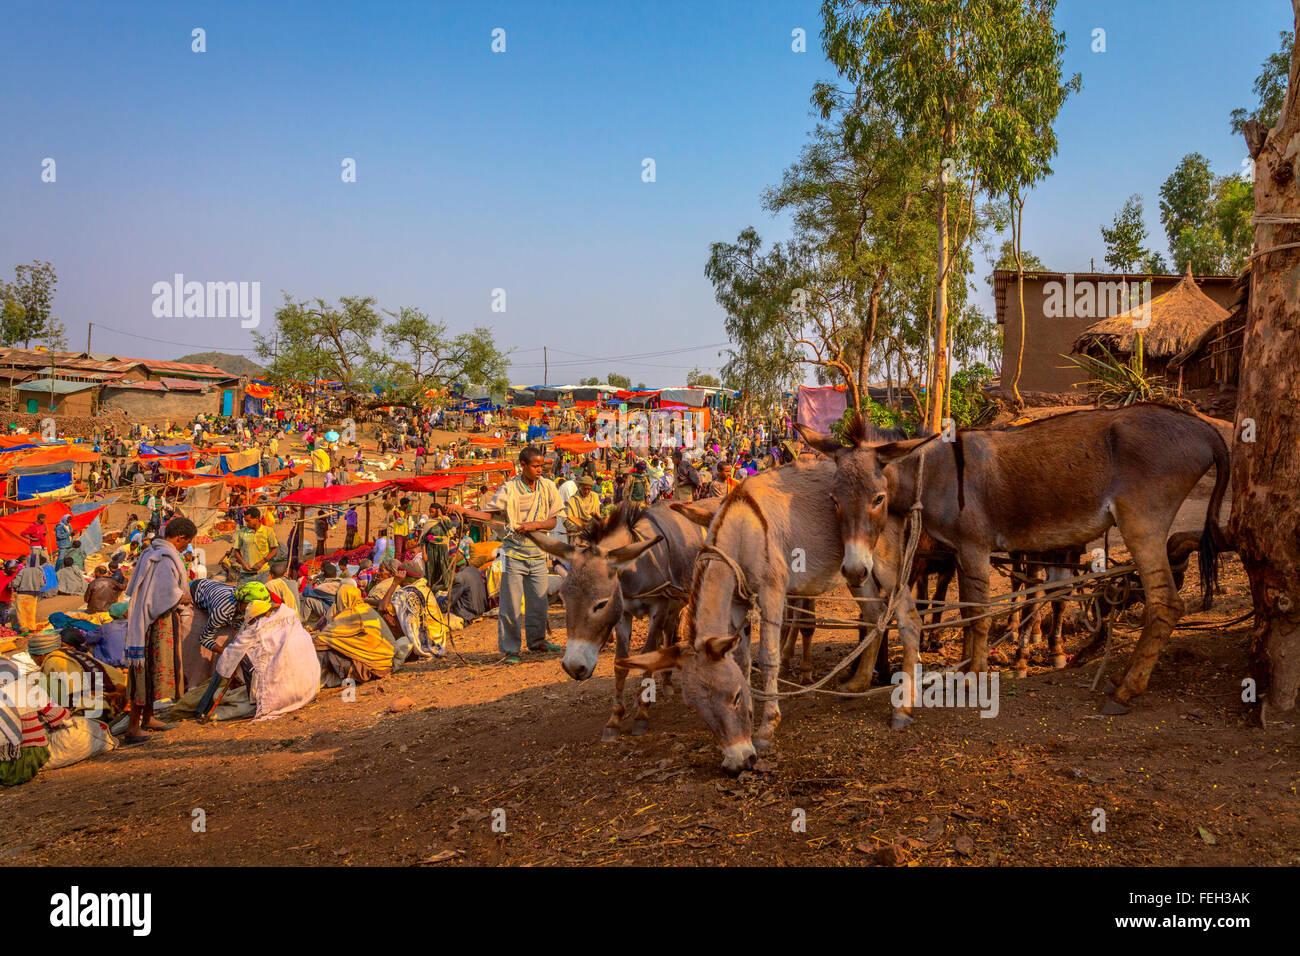 Sunday market in Lalibela Ethiopia. Stock Photo